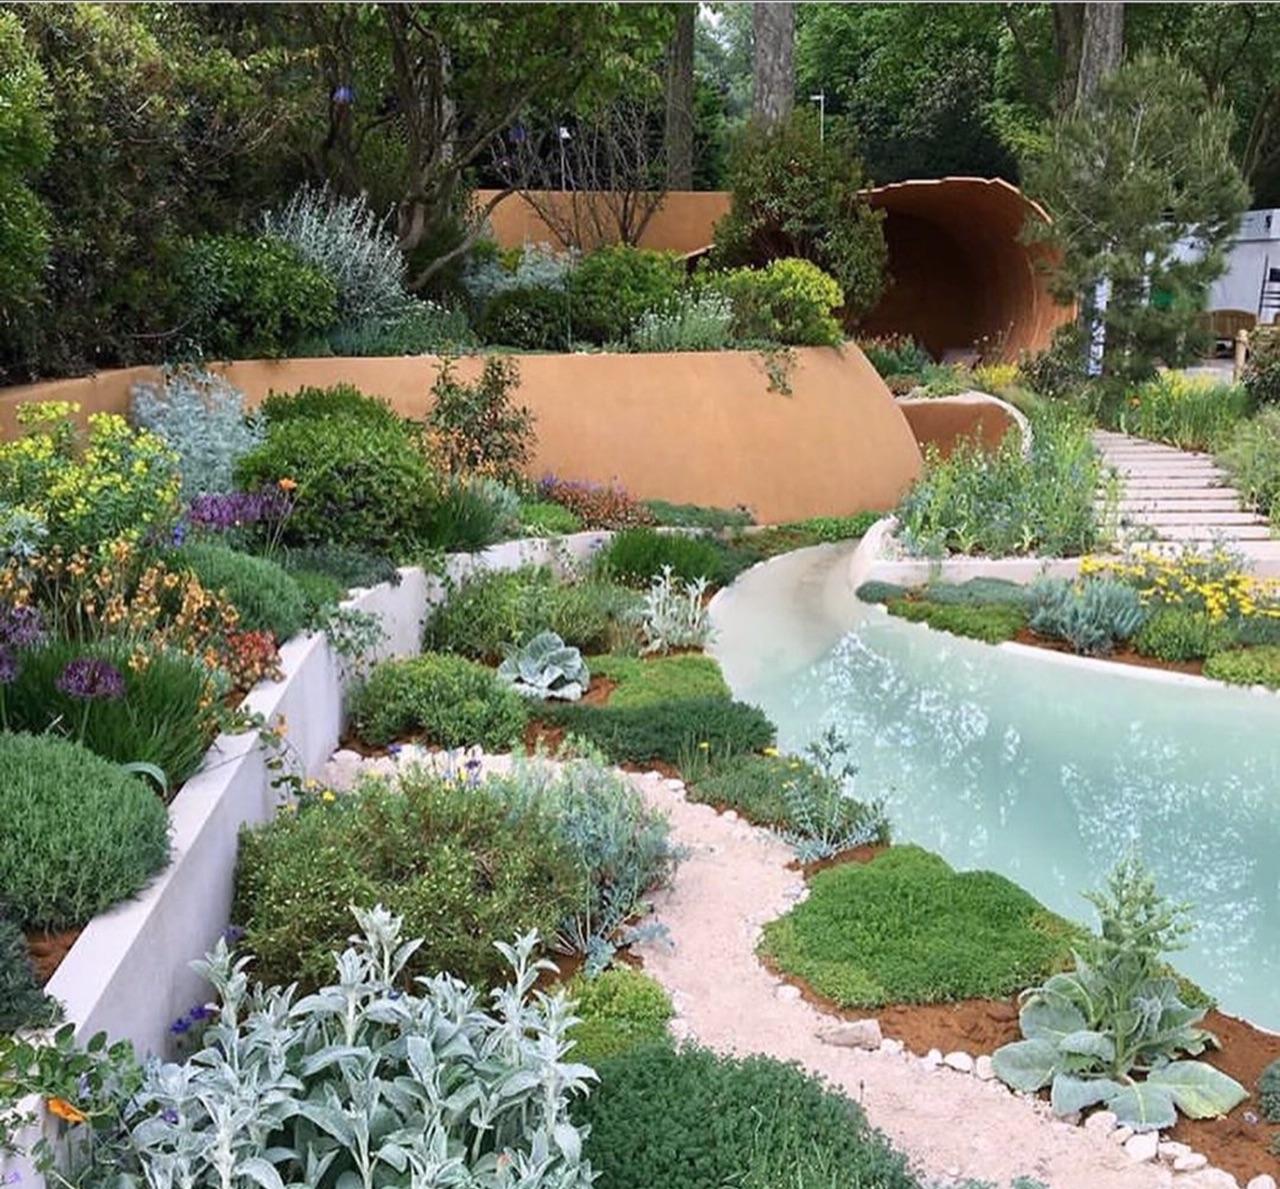 The Dubai Majlis Show Garden